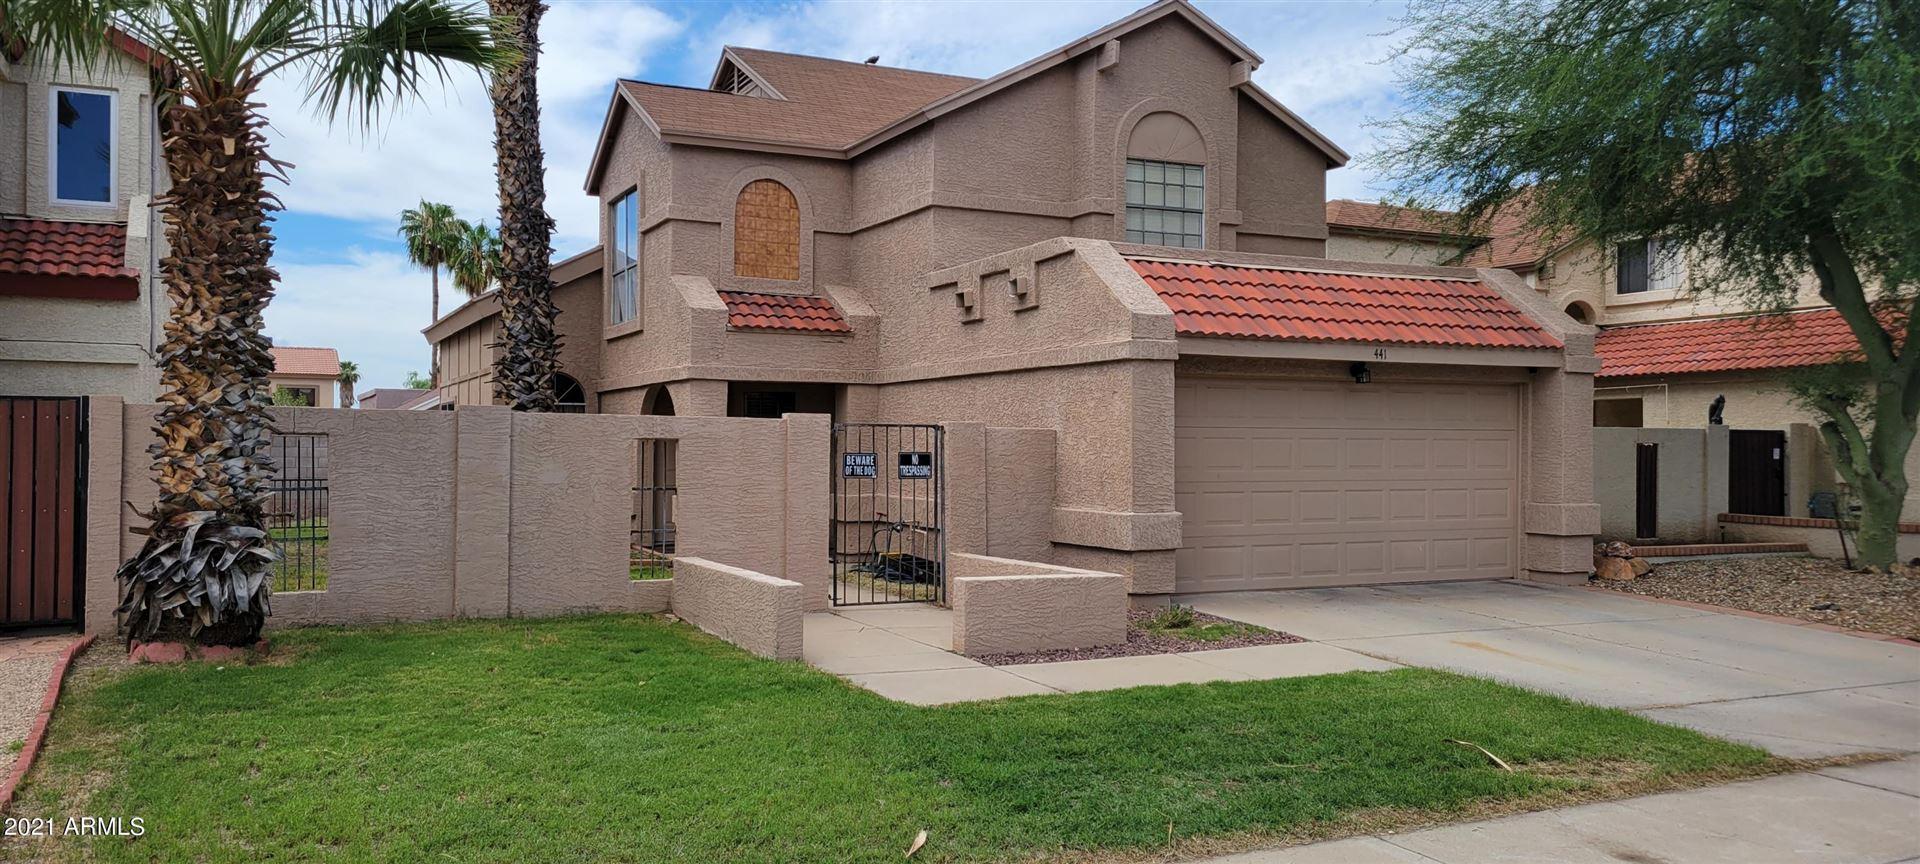 441 E TARO Lane, Phoenix, AZ 85024 - MLS#: 6272933